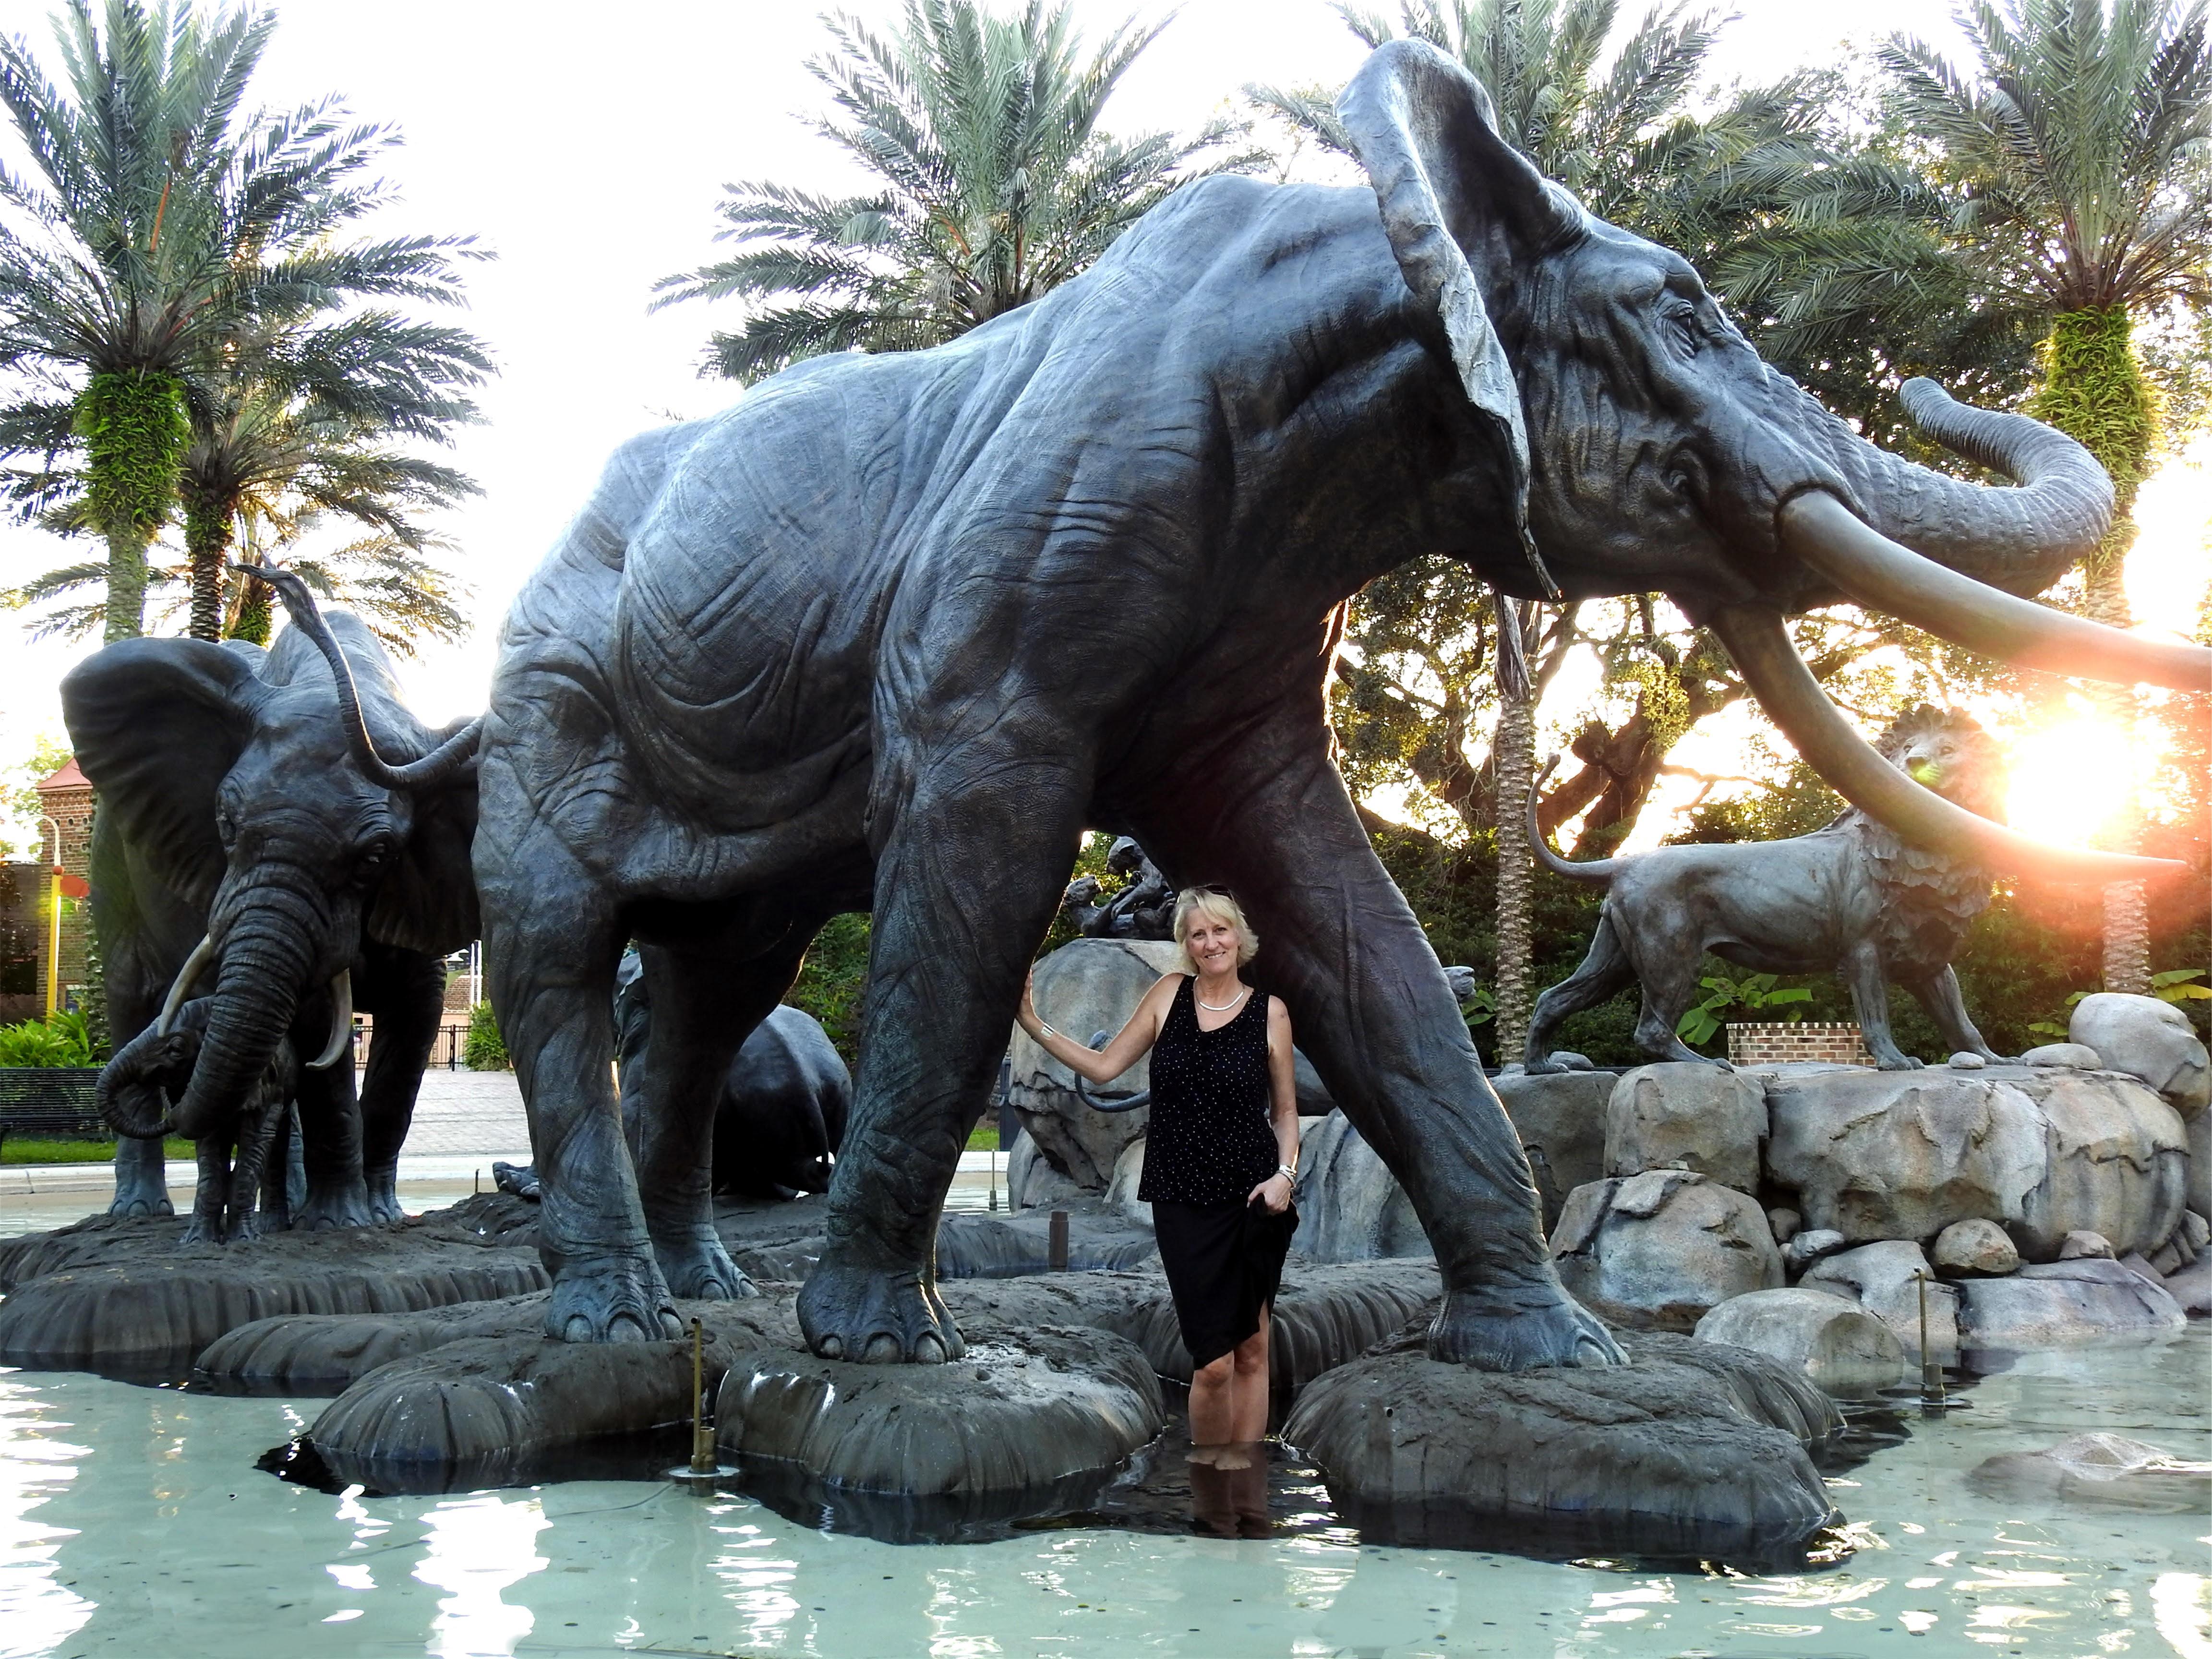 3D ScanThe Audubon Zoo Sculpture ProjectThe Elephant Family -